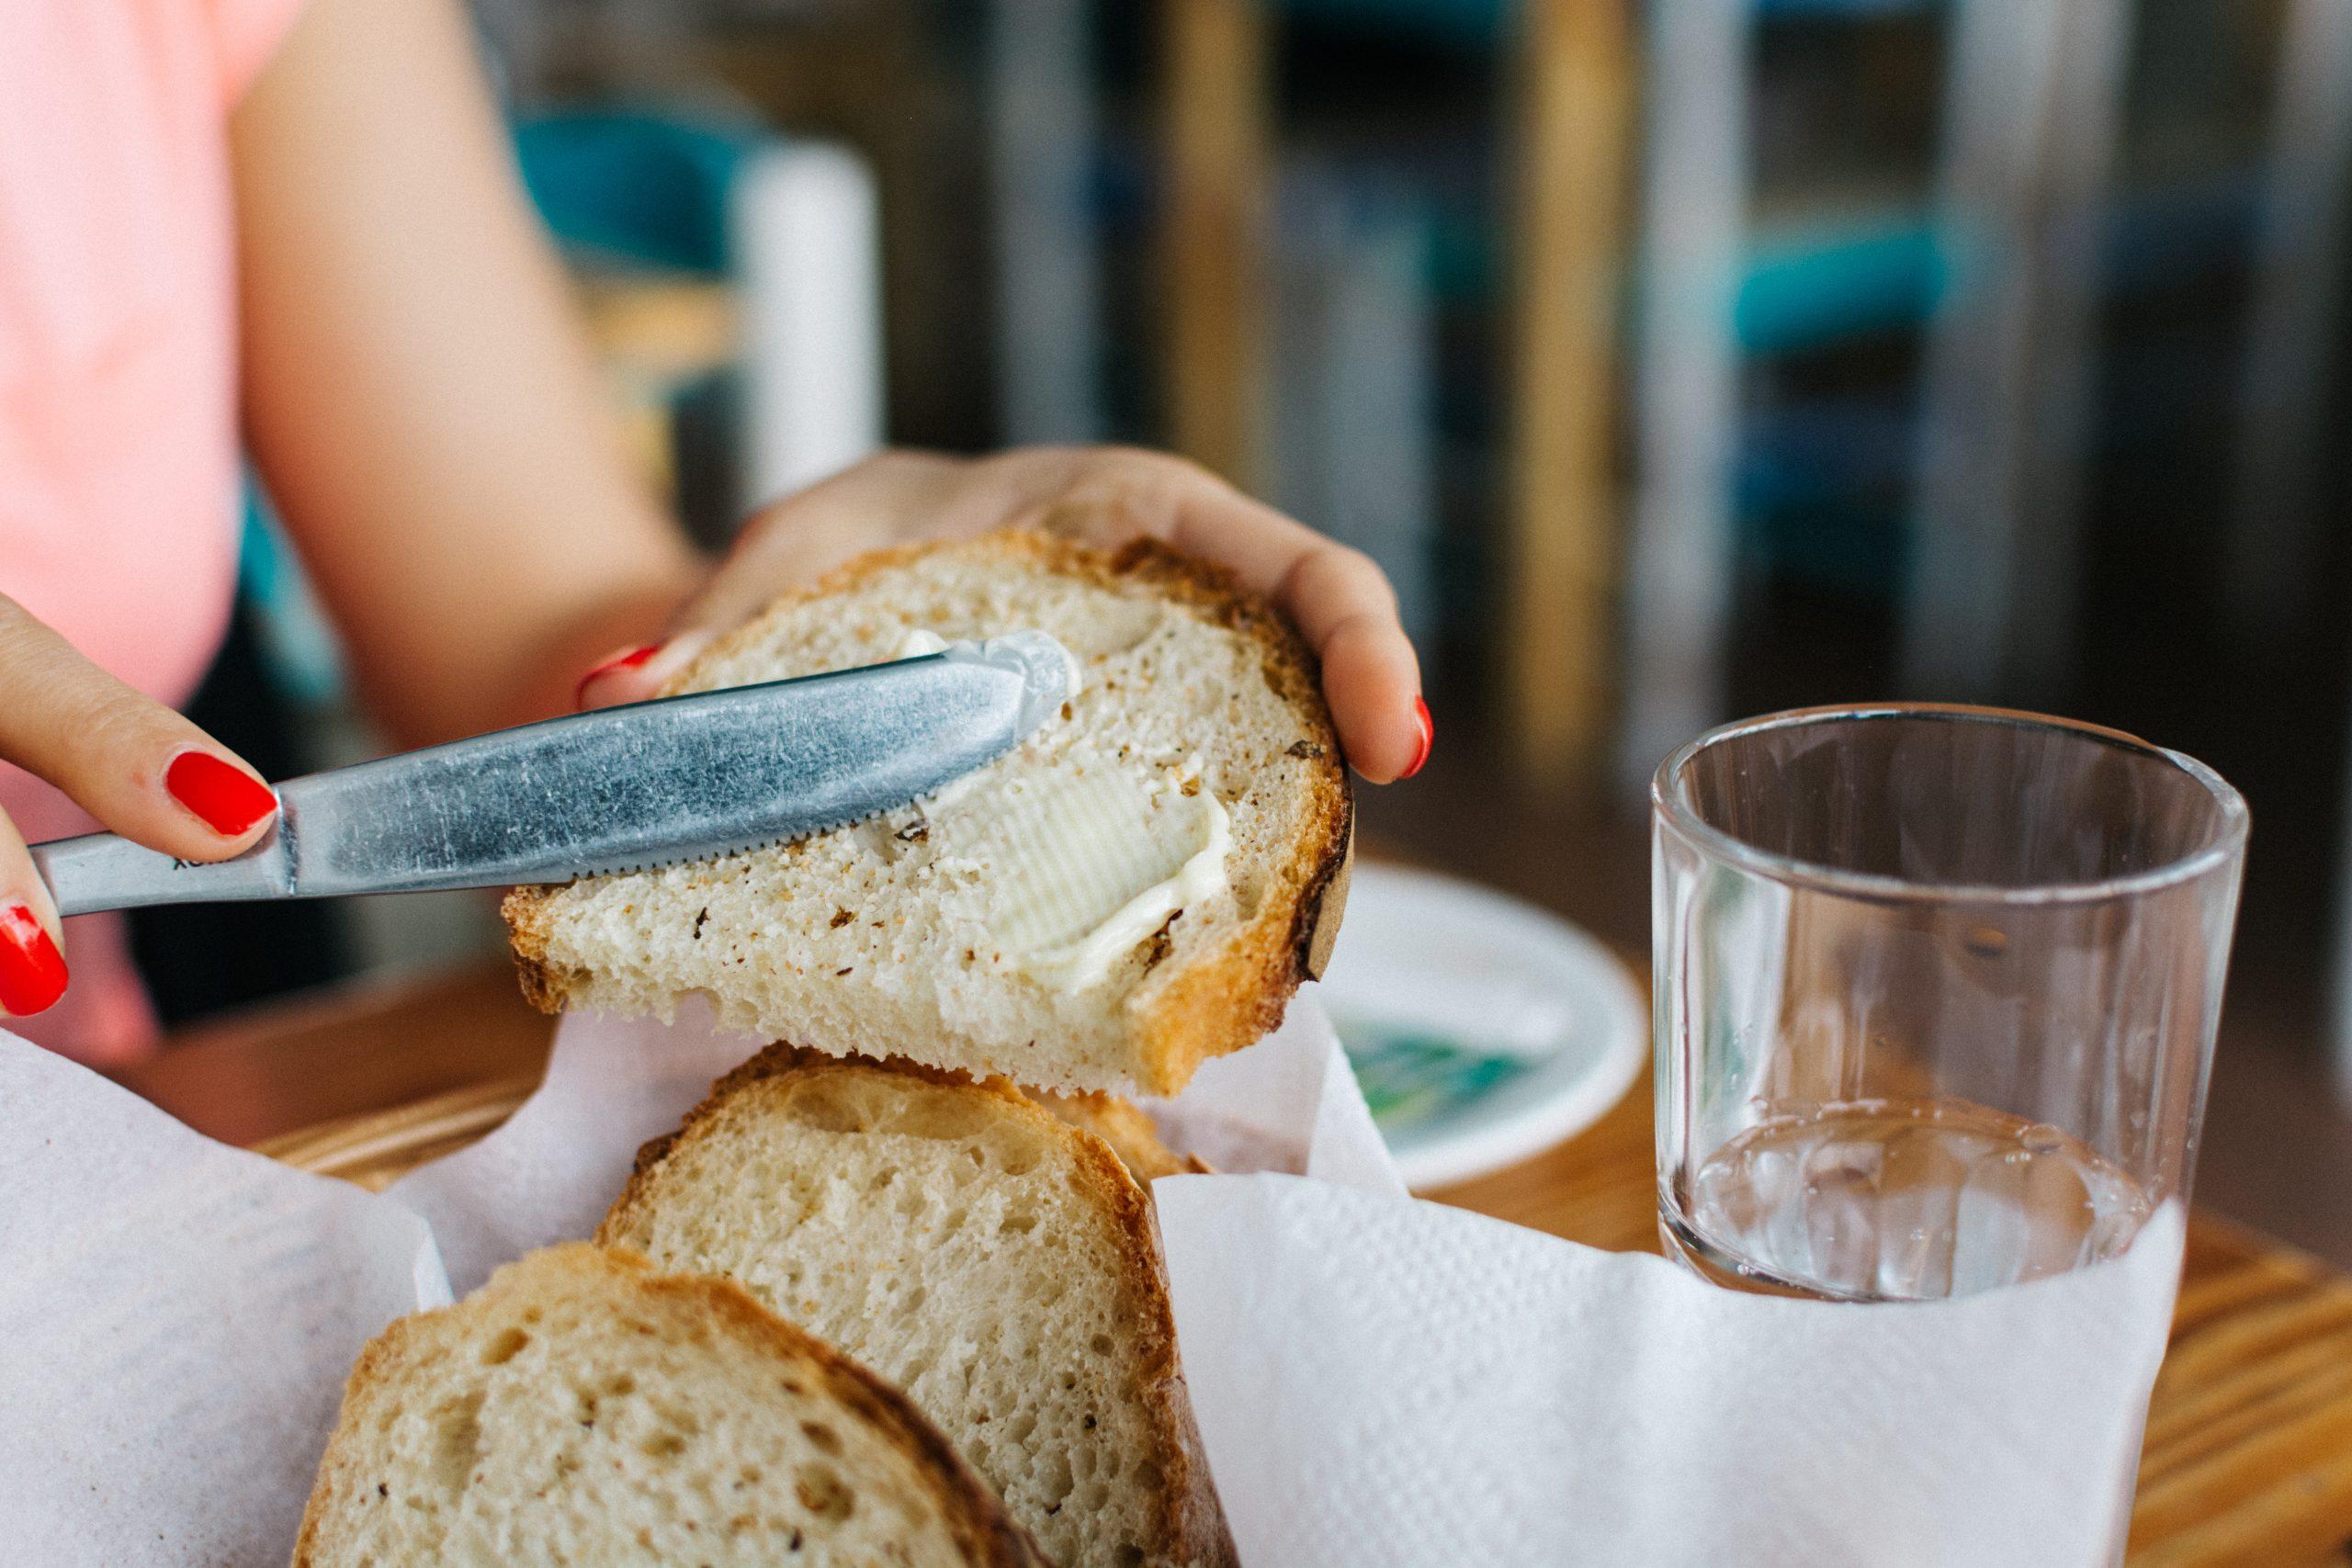 Hábitos de consumo alimentar: o que mudou e o que permanece?